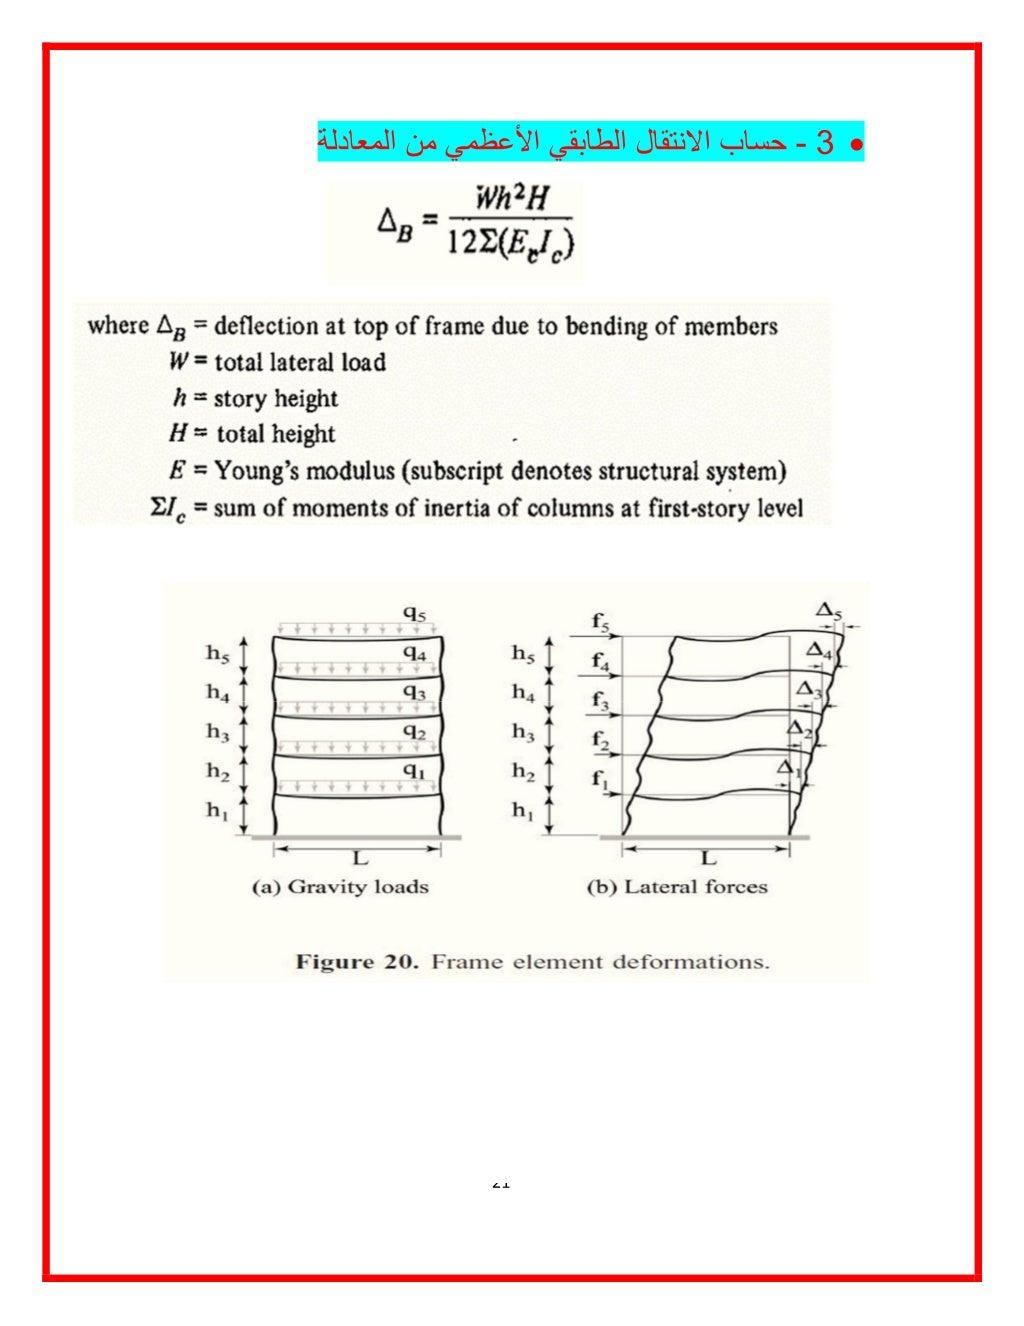 manual-designed-for-seismic-resistance-frames-moment-portals-method-21-1024.jpg